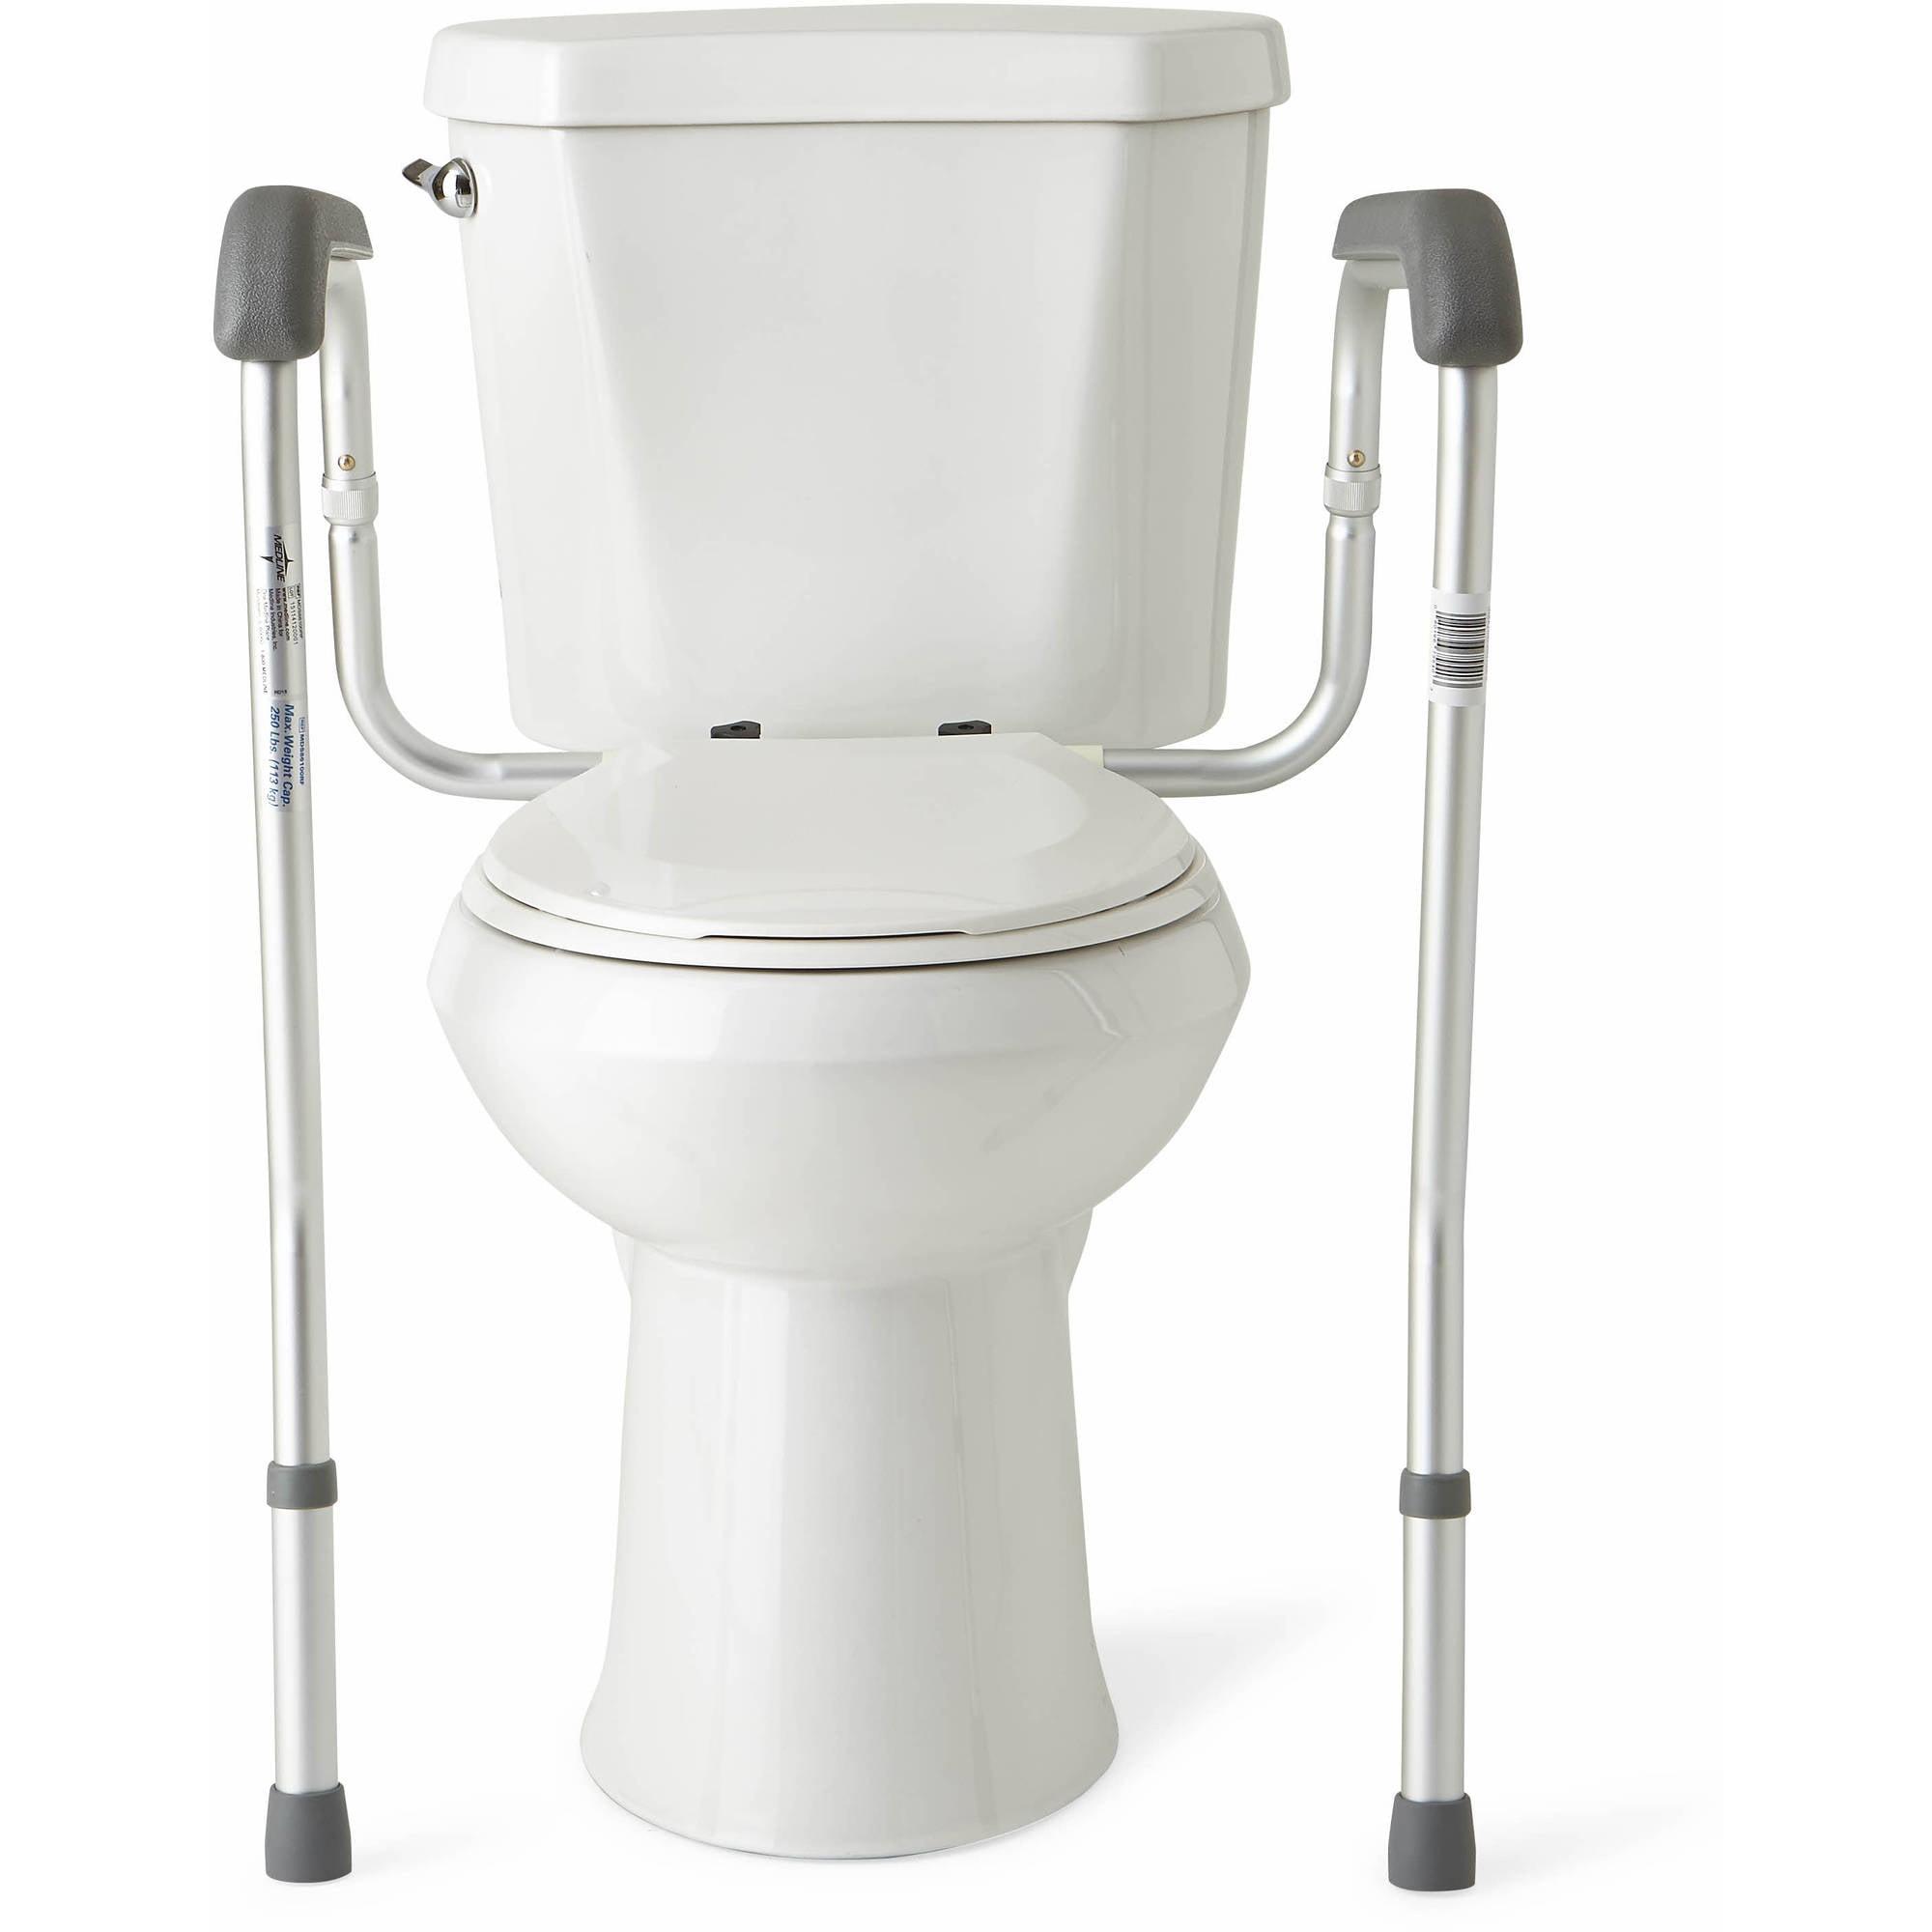 Medline Toilet Safety Frame Rails - Walmart.com